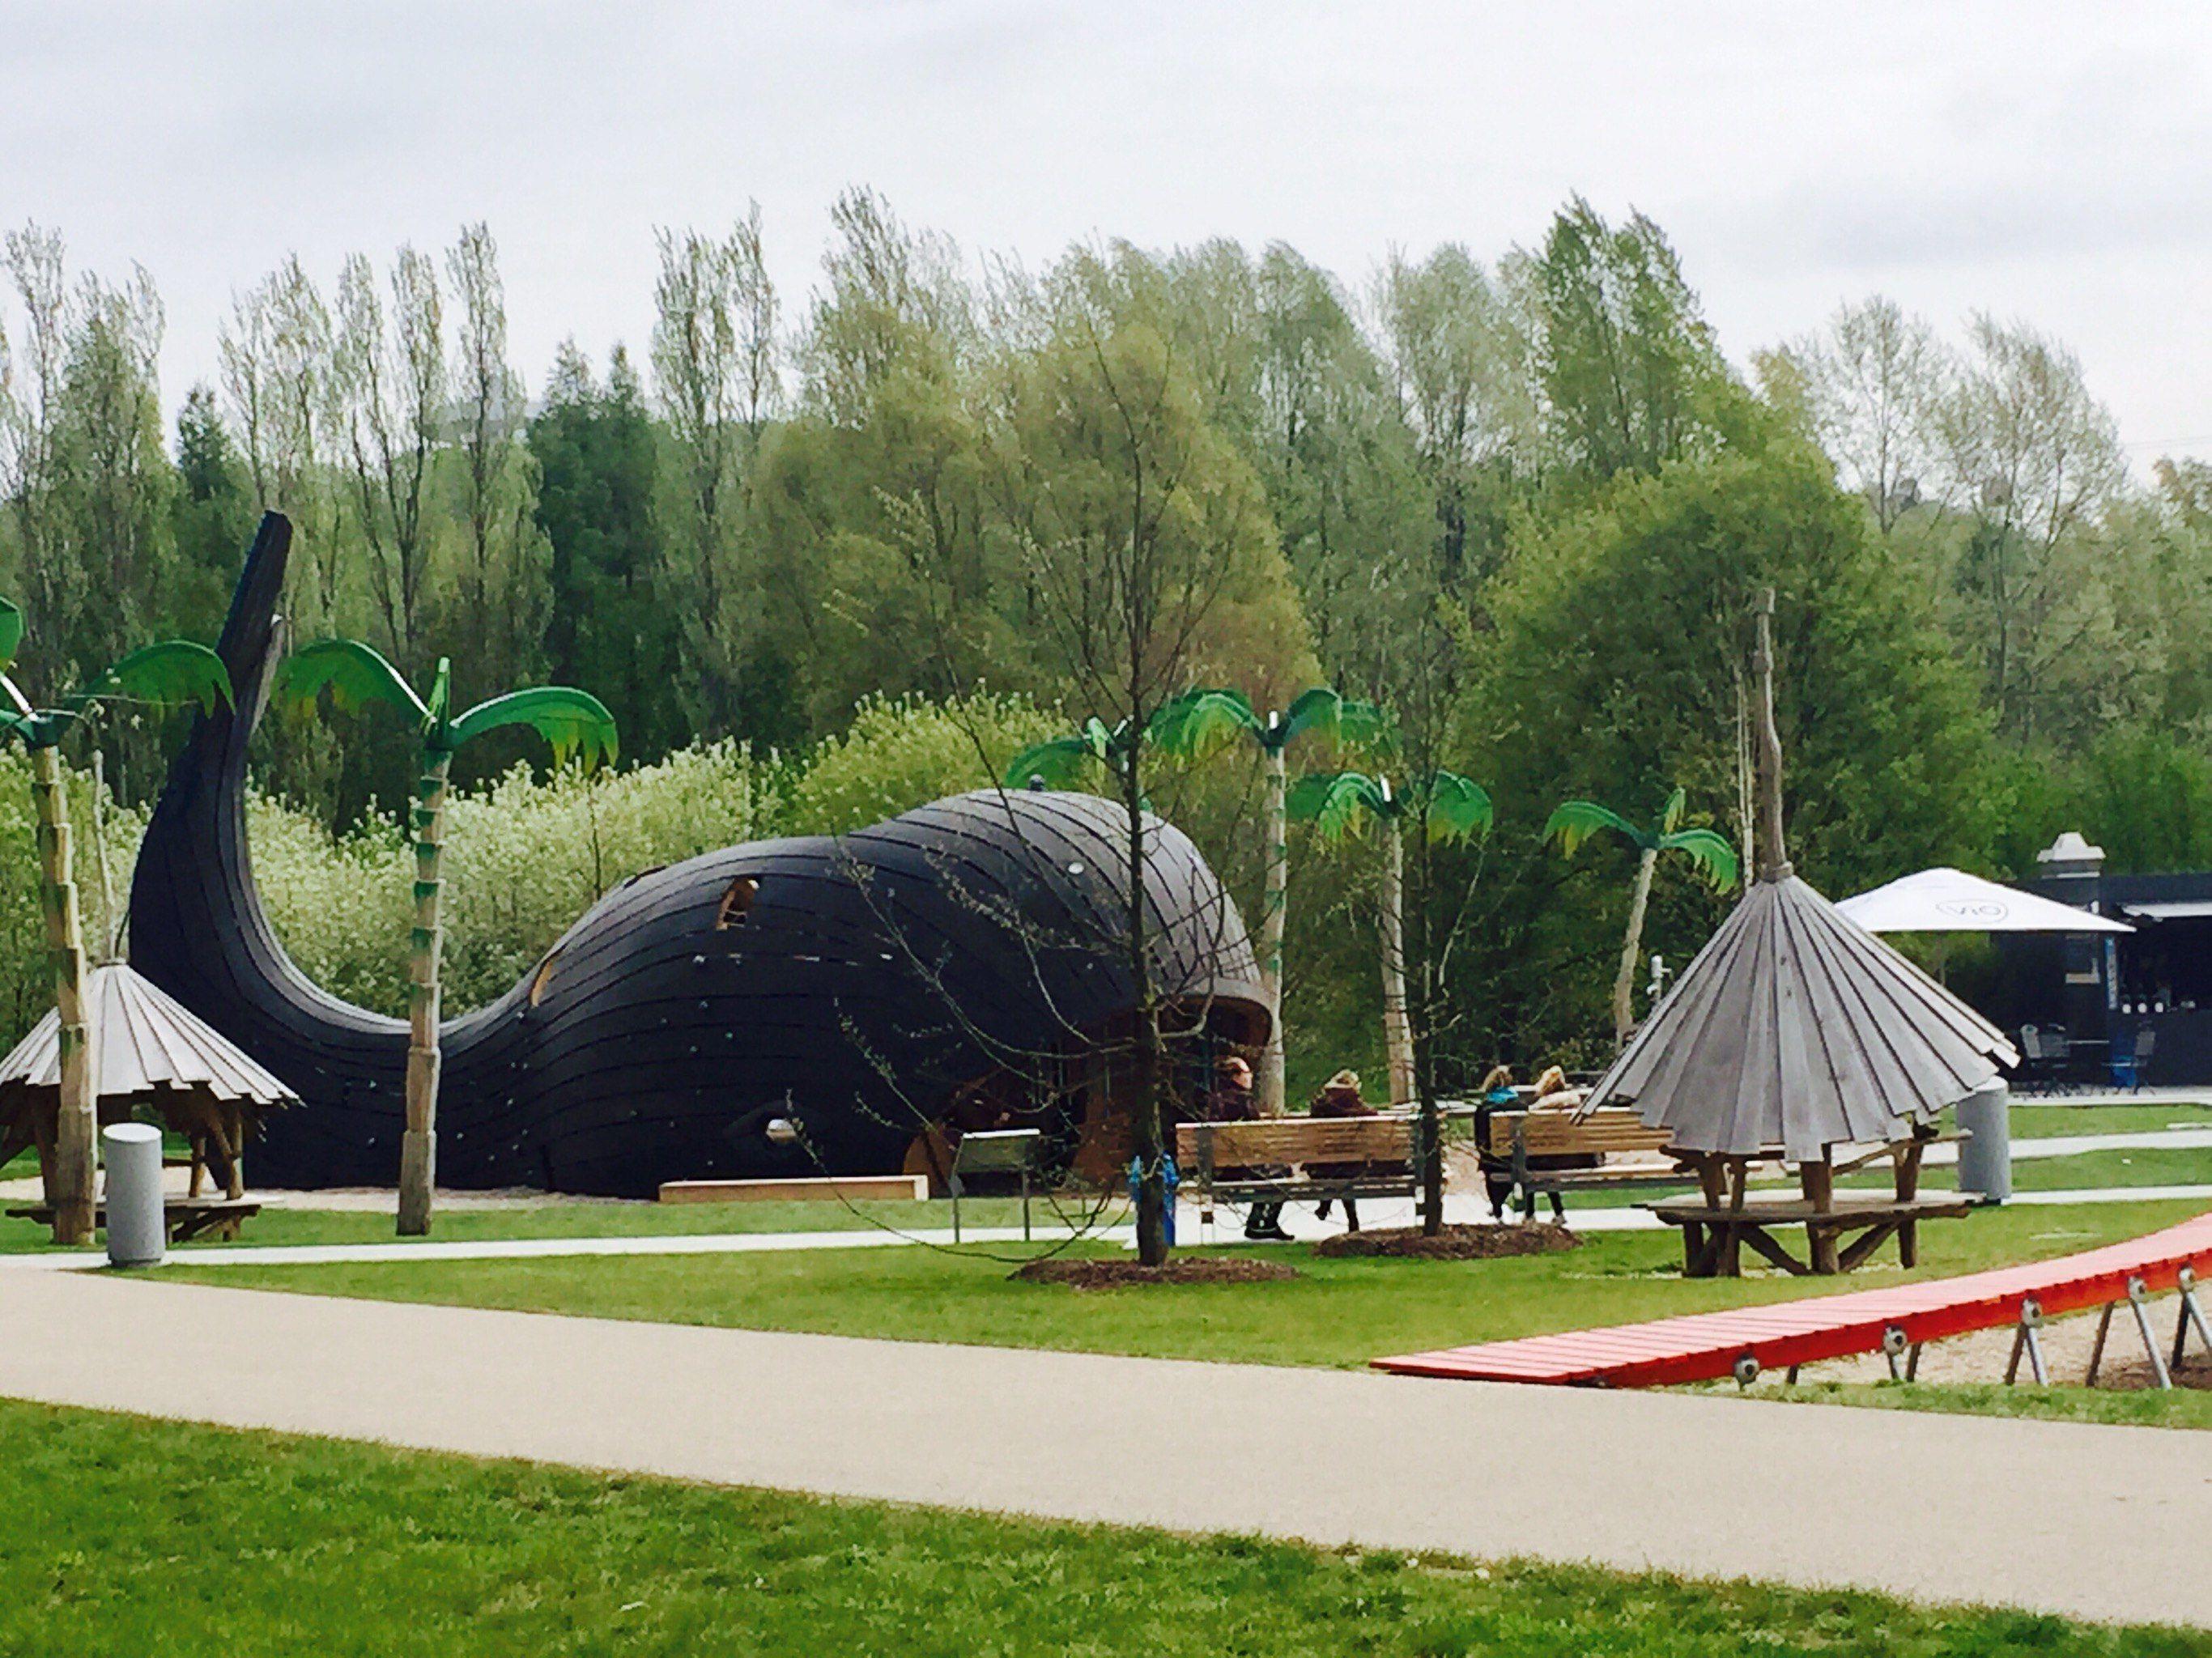 Garten Der Welt Spielplatz Fur Deinen Nachsten Reno Von Iga 2017 Garten Der Welt Elly S Do It Yourself In Bezug Auf Garten Landschaftsgestaltung Spielplatz